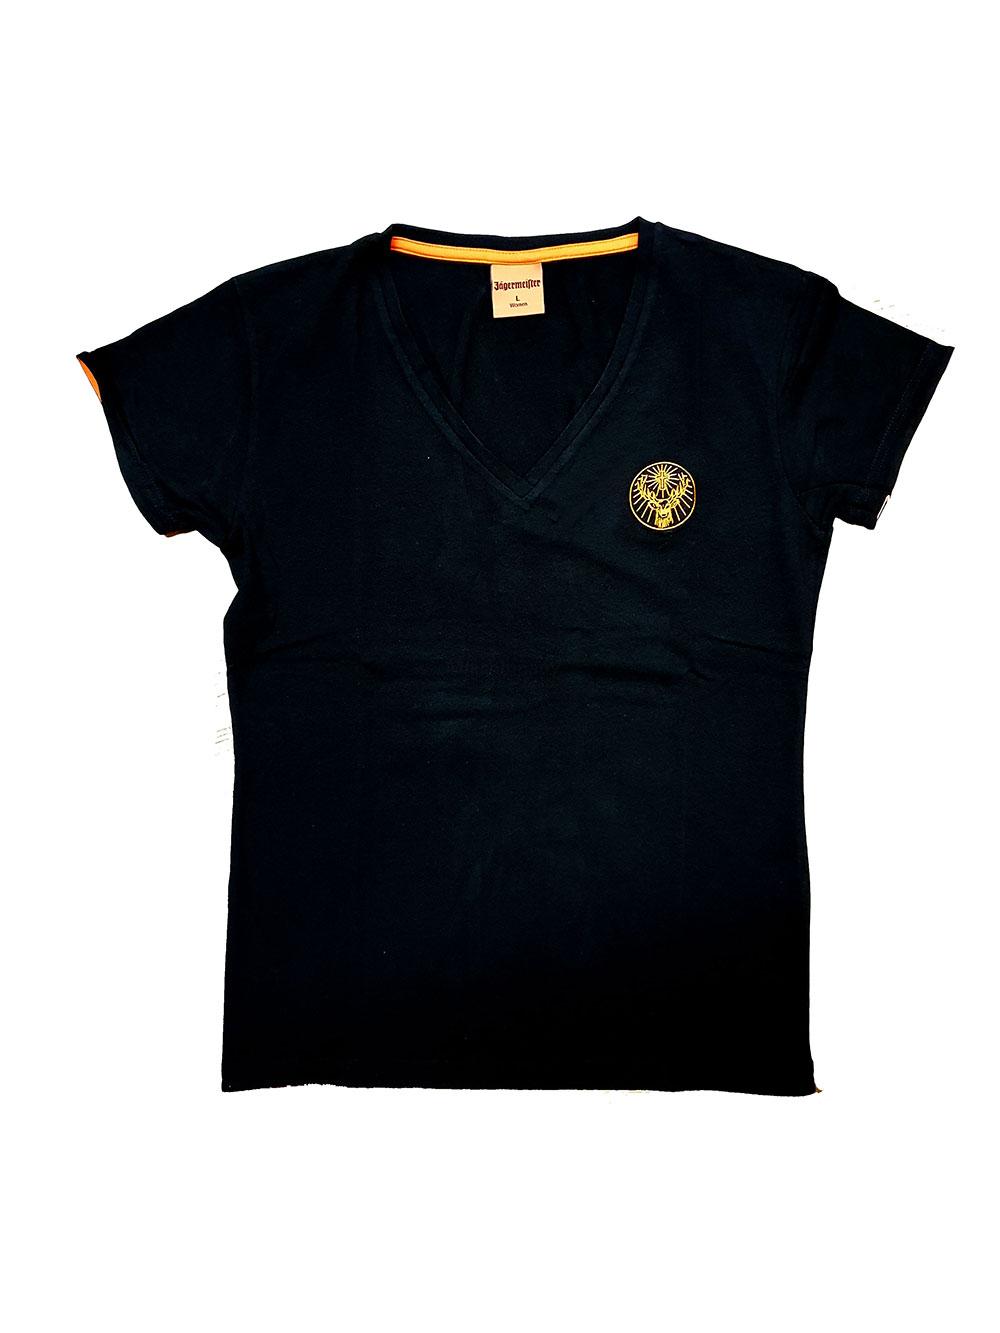 Jägermeister Damen Tshirt in schwarz mit V Ausschnitt in L